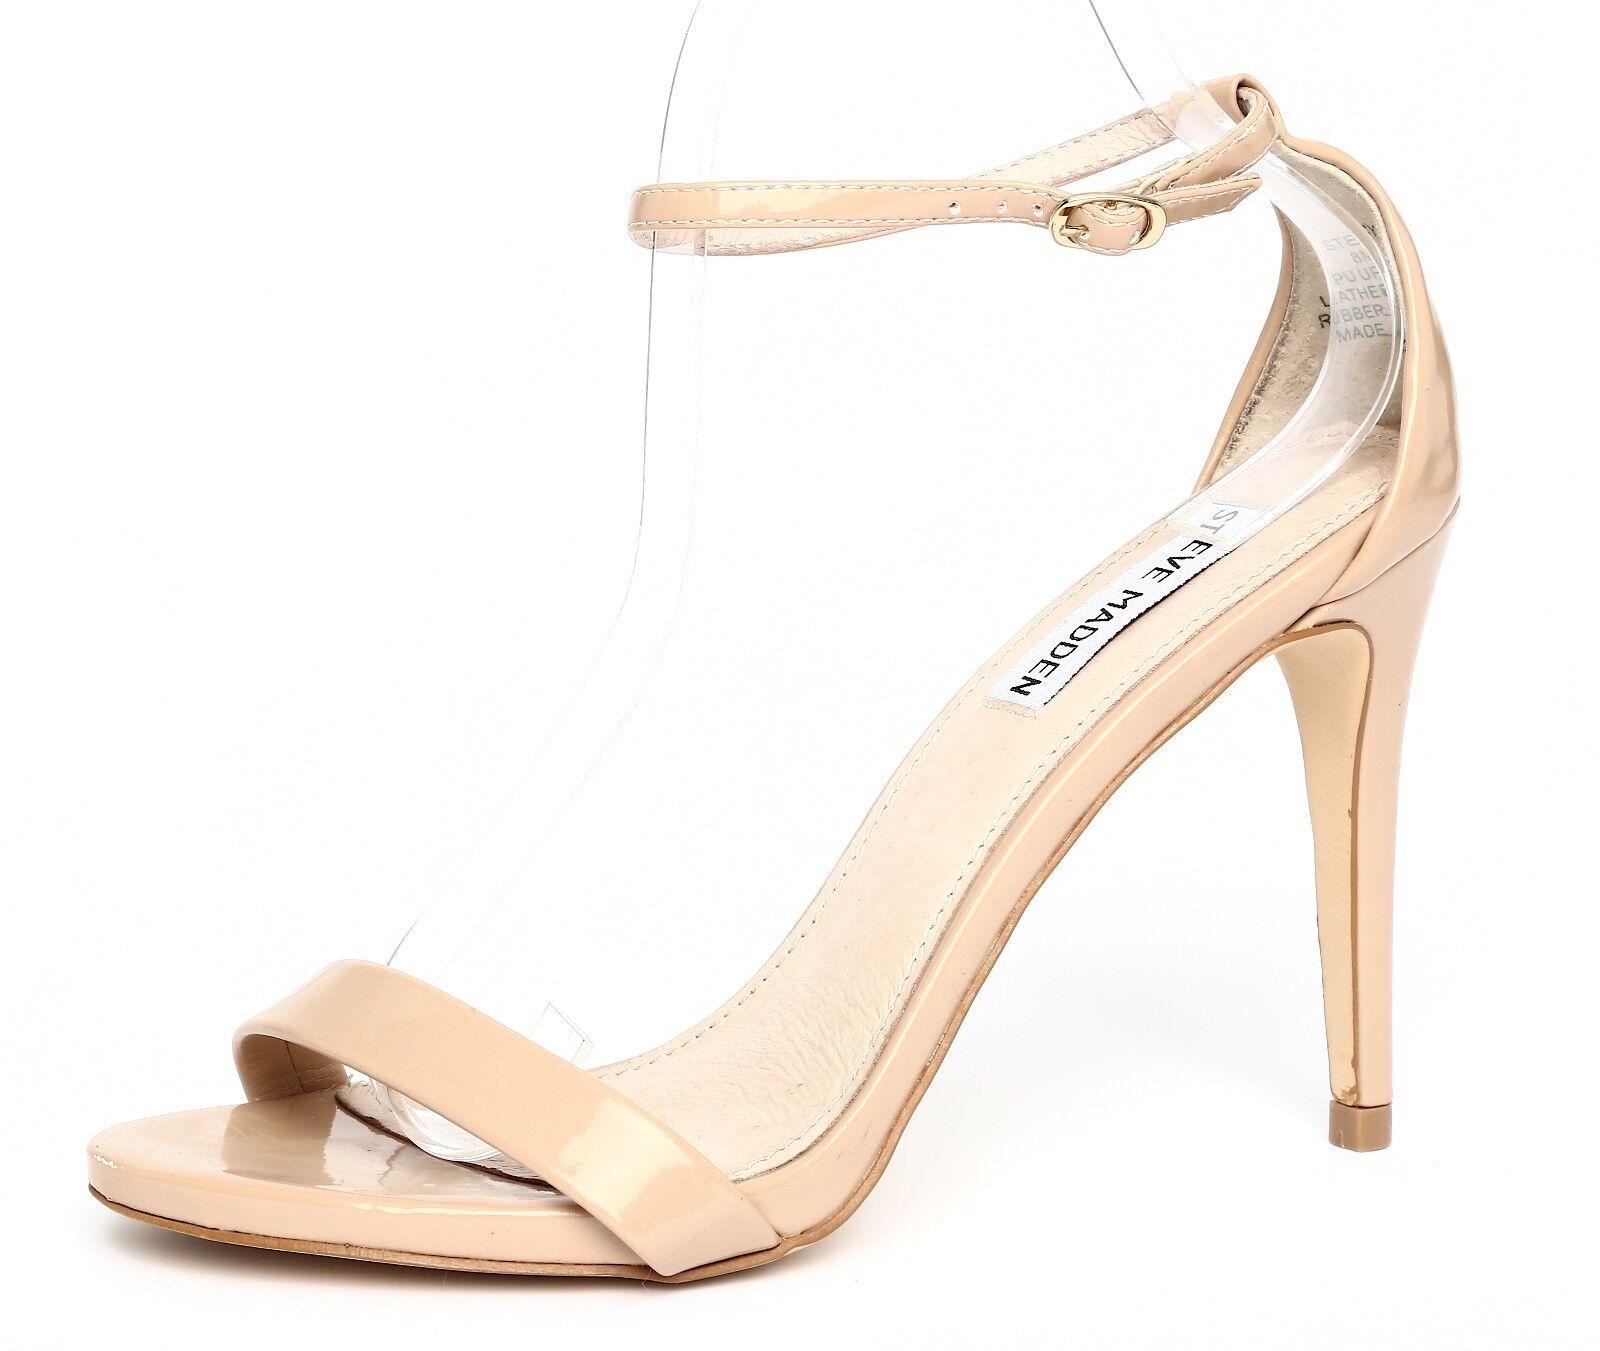 Spedizione gratuita per tutti gli ordini Steve Madden Stecy Patent Patent Patent Leather Nude Ankle Strap Sandal Heels Sz 8M 4121  presentando tutte le ultime tendenze della moda